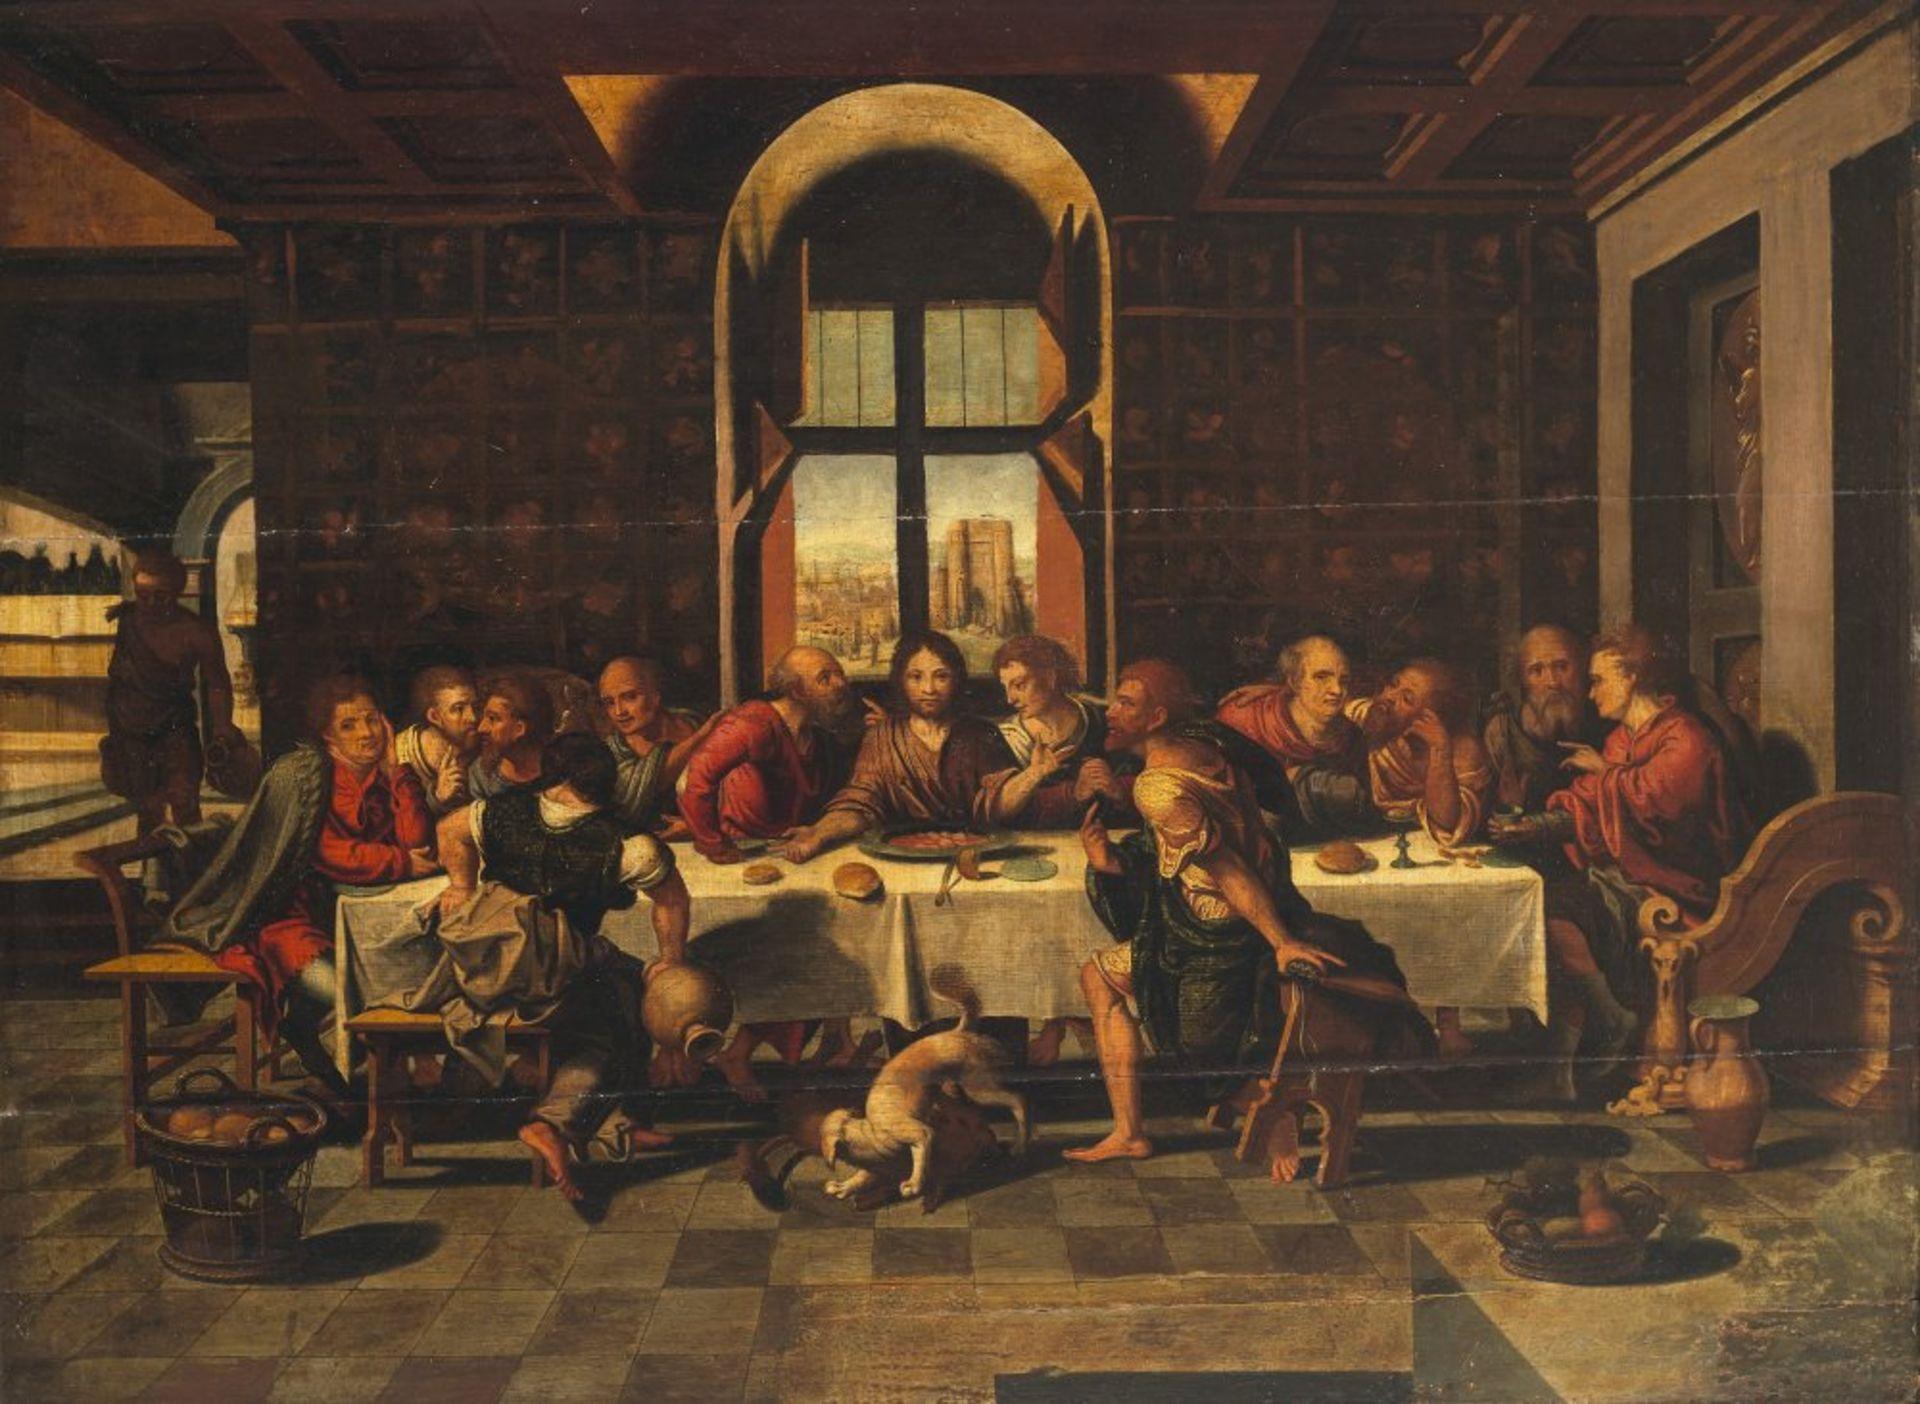 Coecke van Aelst, Pieter, NachfolgerDas letzte Abendmahl. Öl/Holz. 66 x 87 cm. Risse, rest. Unsign.